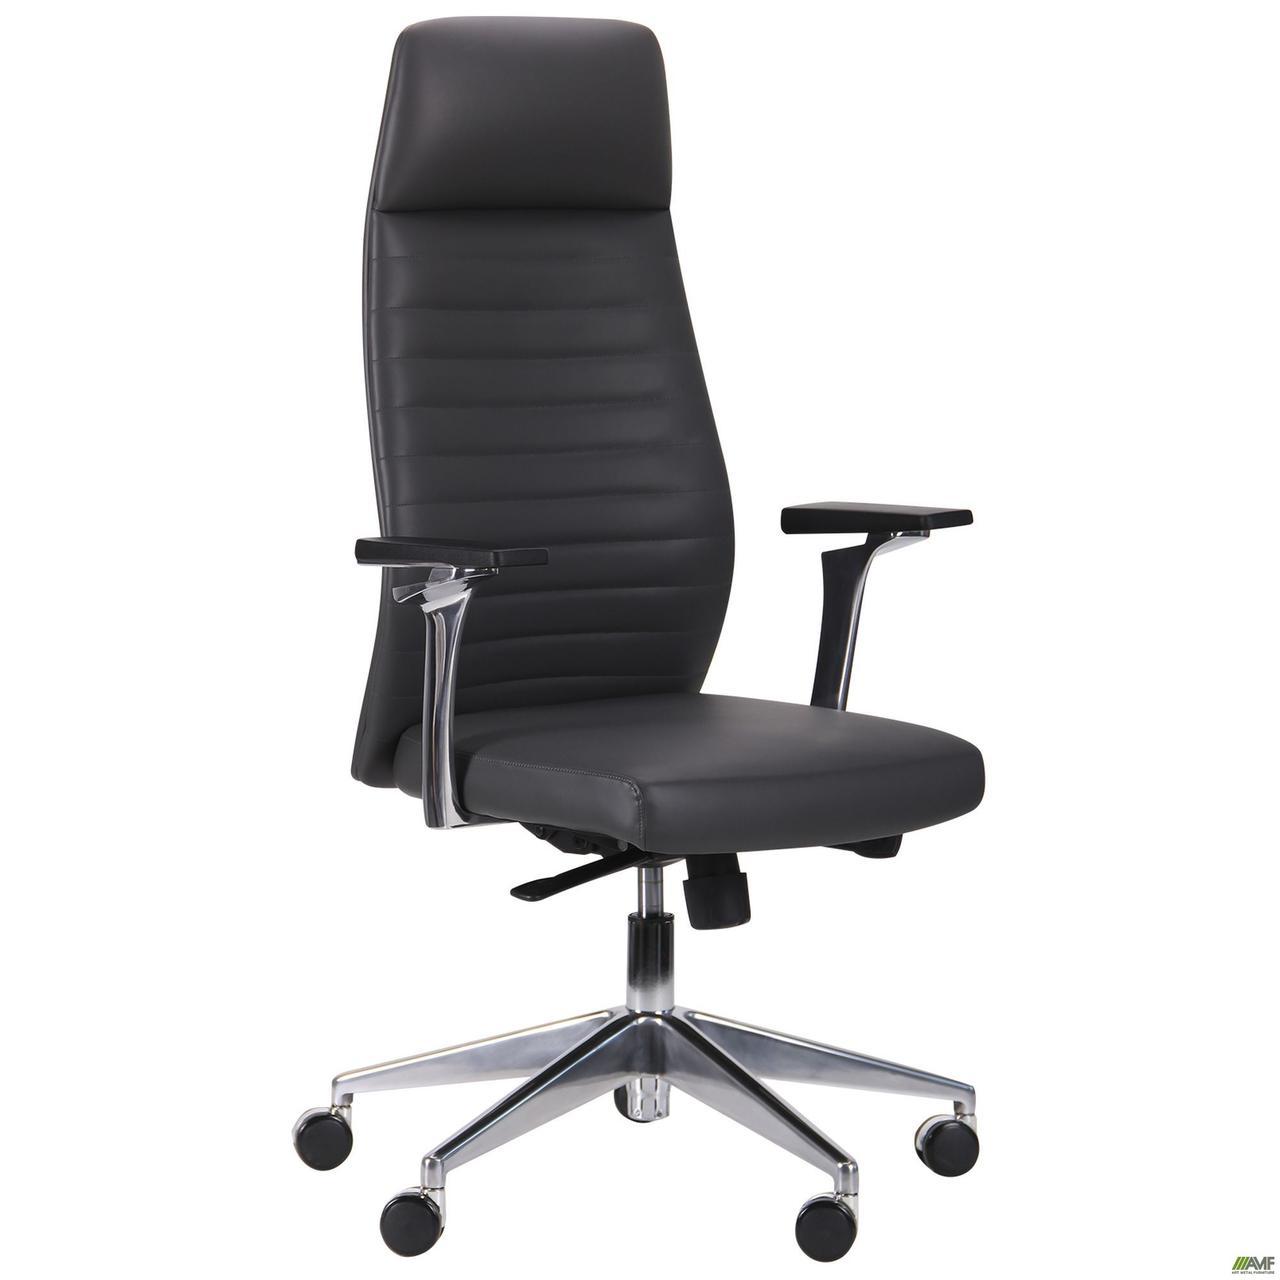 Кресло офисное кожаное AMF Ilon HB серое